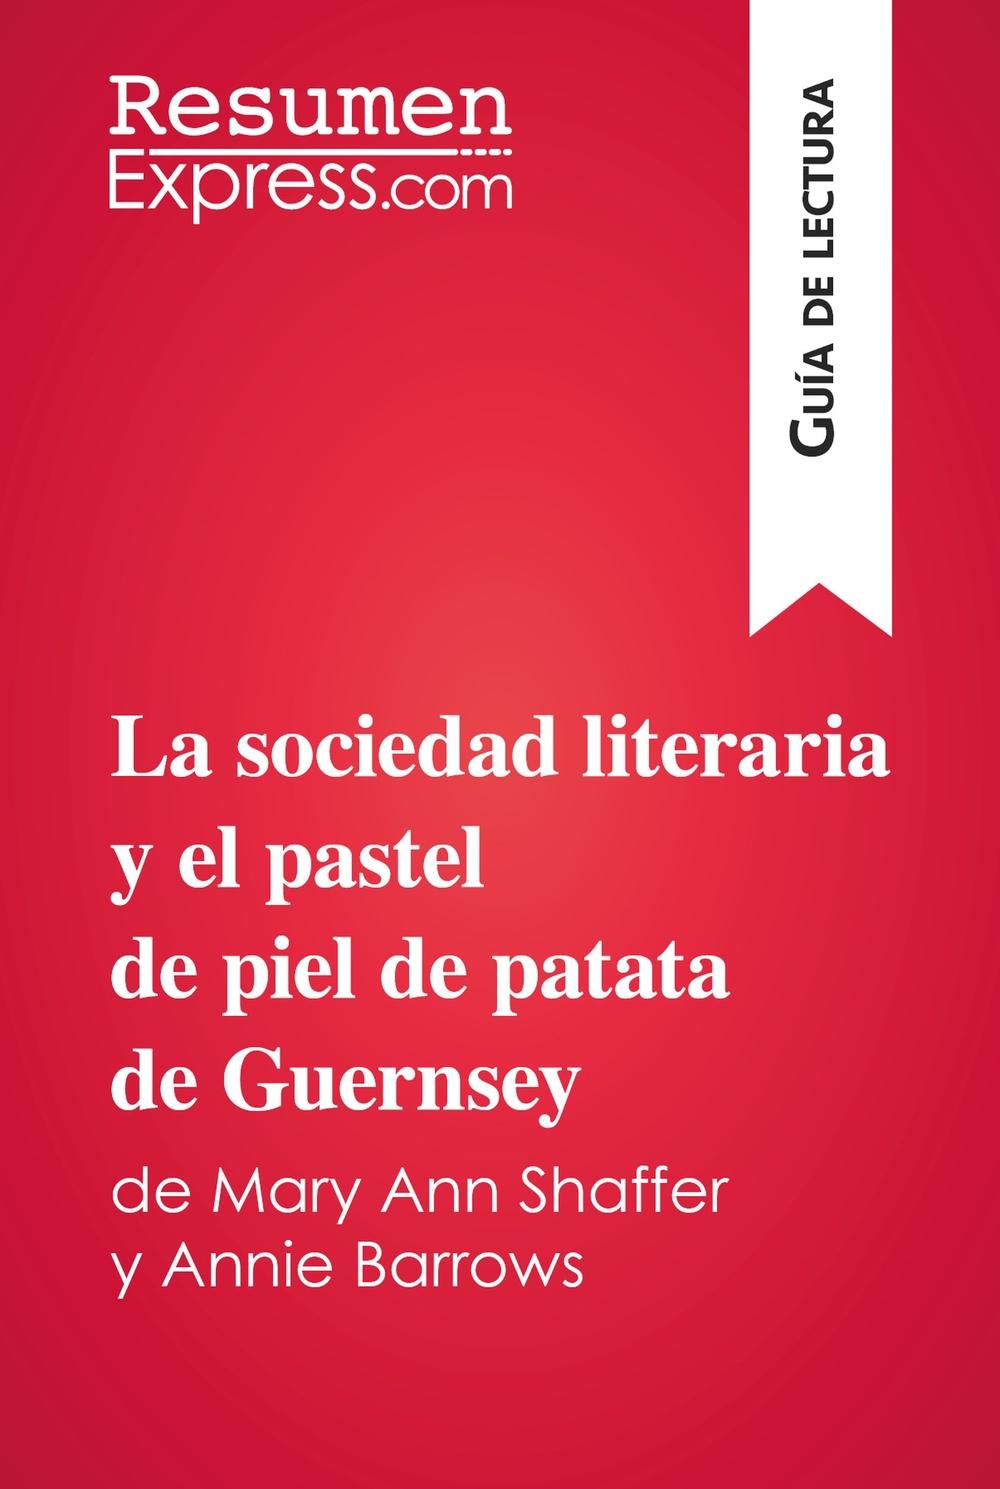 La sociedad literaria y el pastel de piel de patata de Guernsey de Mary Ann Shaffer y Annie Barrows (Guía de lectura)